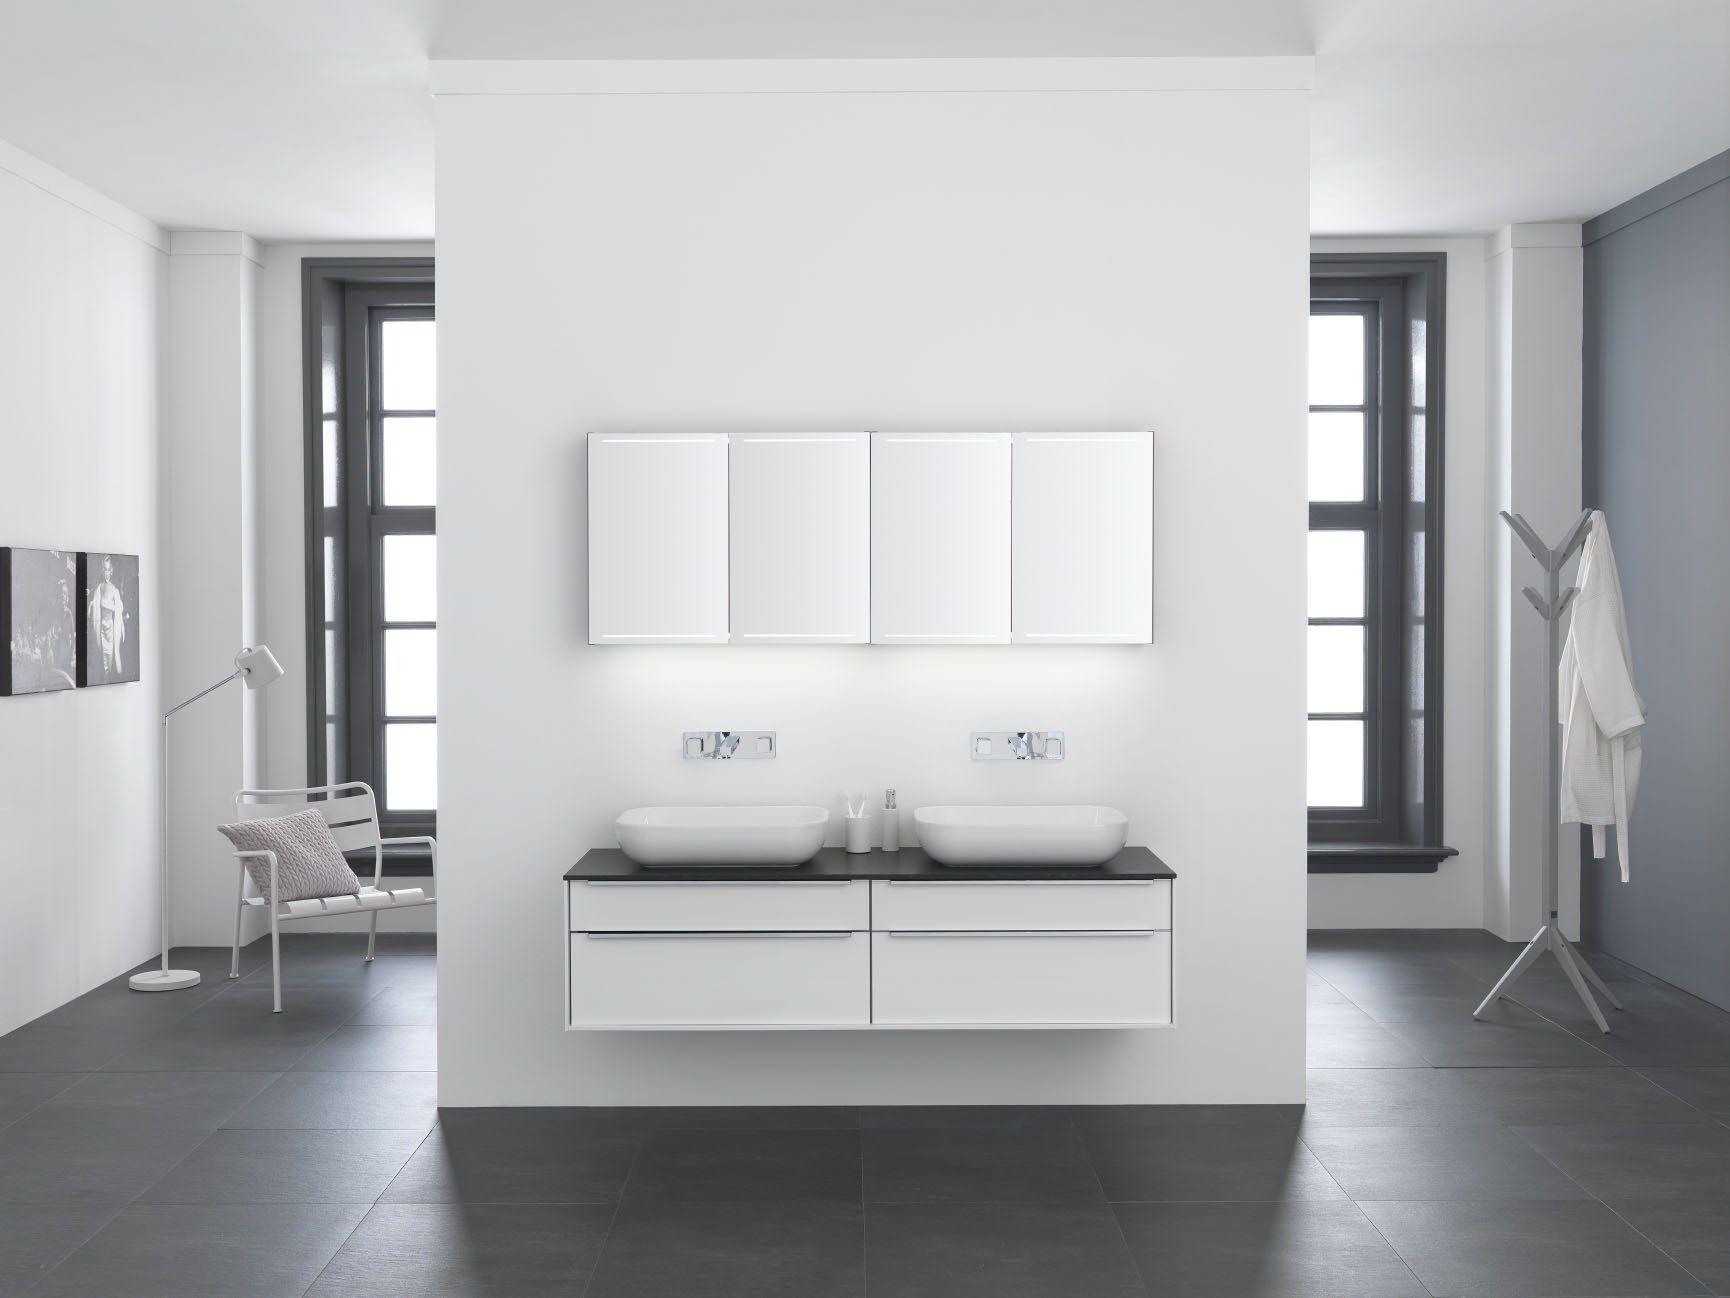 spiegelkast deluxe boven badmeubel met opzet kommen van keramiek